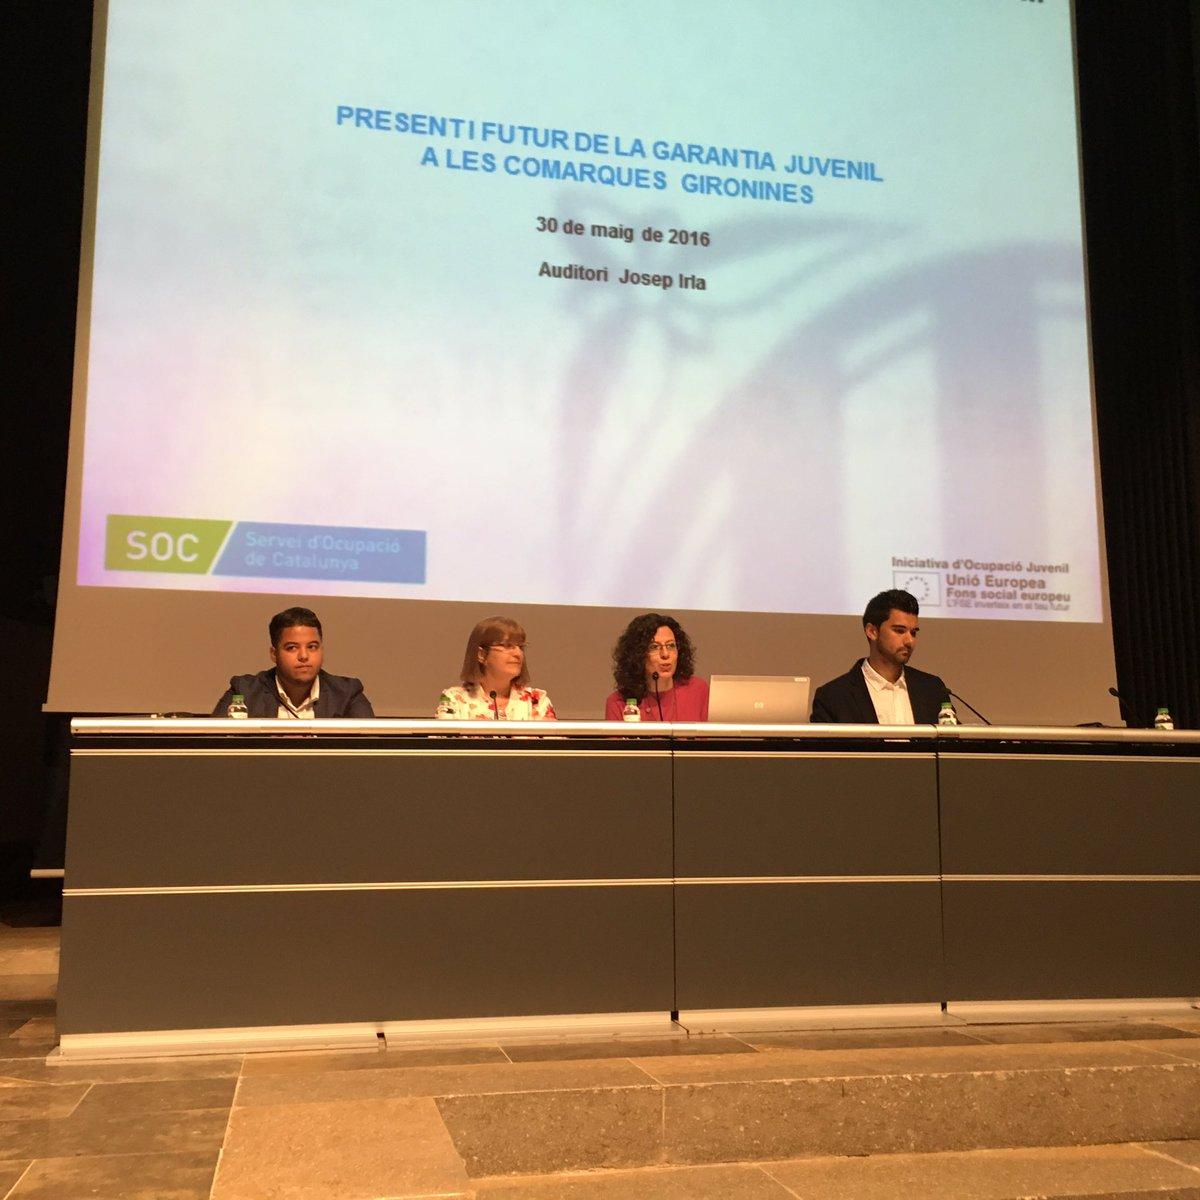 Jornada present i futur de la garantia juvenil a les for Oficina de treball